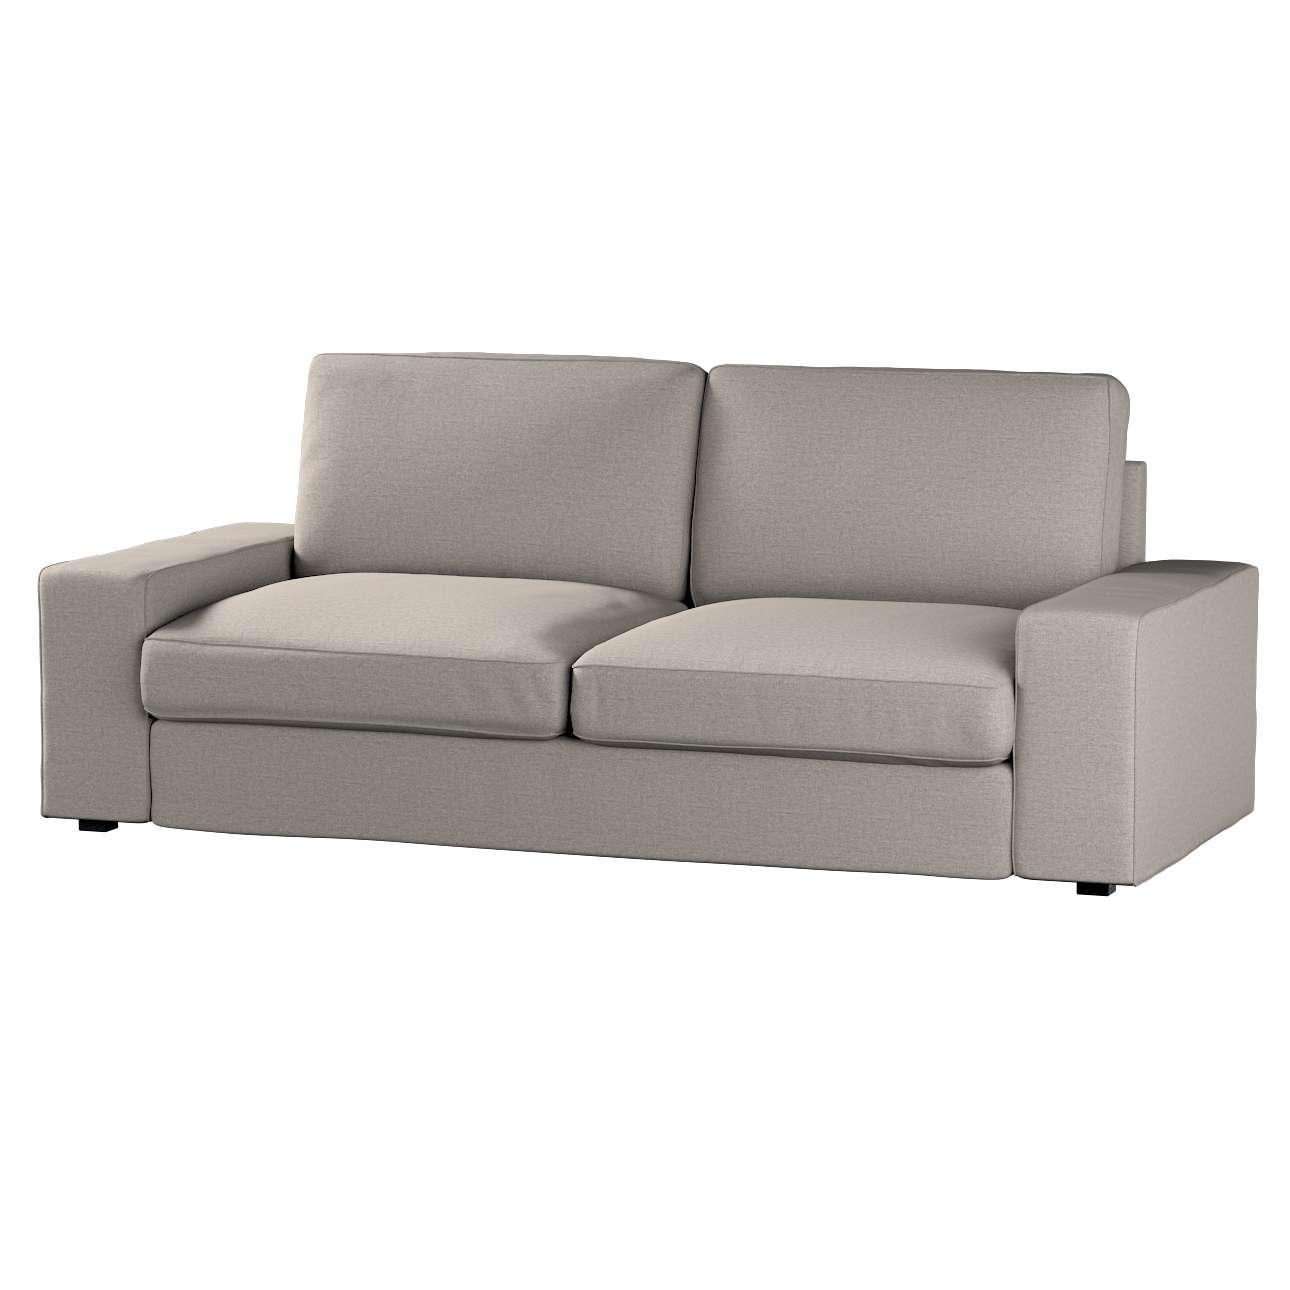 Pokrowiec na sofę Kivik 3-osobową, nierozkładaną Sofa Kivik 3-osobowa nierozkładana w kolekcji Edinburgh, tkanina: 115-77